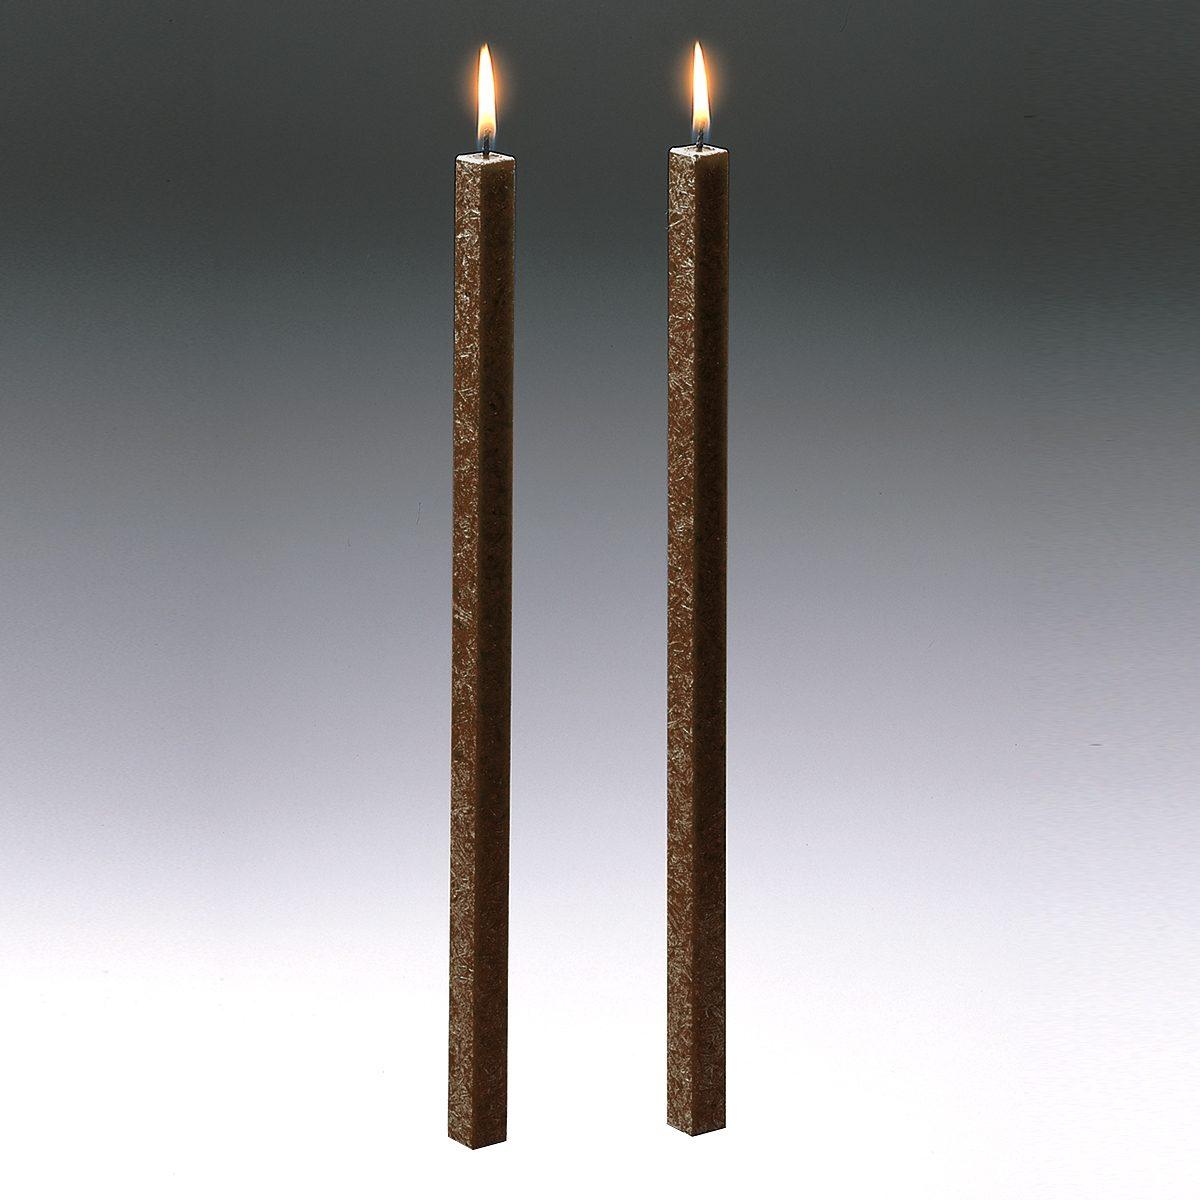 Amabiente Amabiente Kerze CLASSIC kaffee 40cm - 2er Set